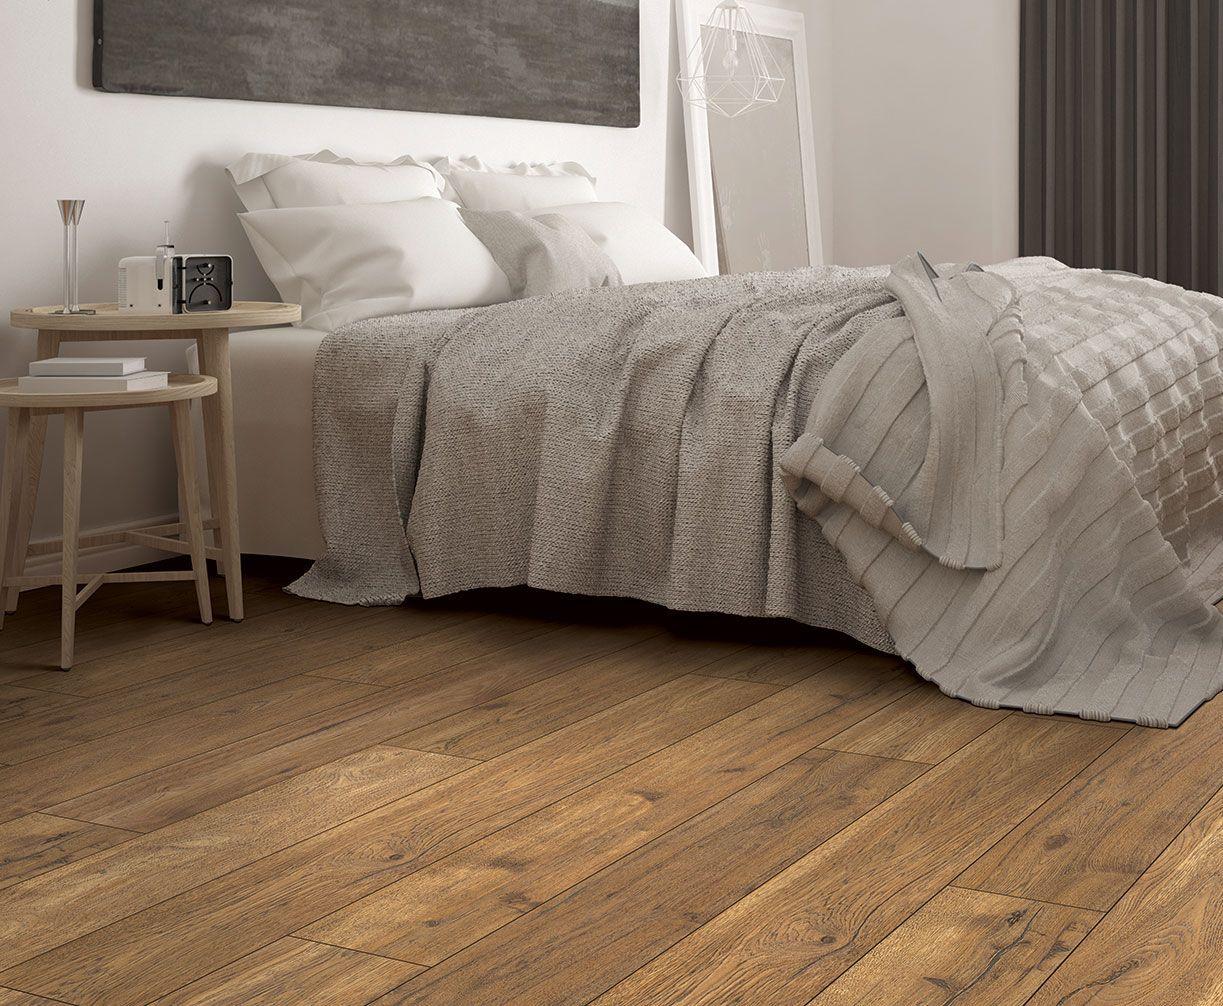 Piedmont Oak Has A Warm Amber Color With Undertones Of Golden Brown And Wider L Bedroom Laminate Flooring White Laminate Flooring Bedroom Oak Laminate Flooring